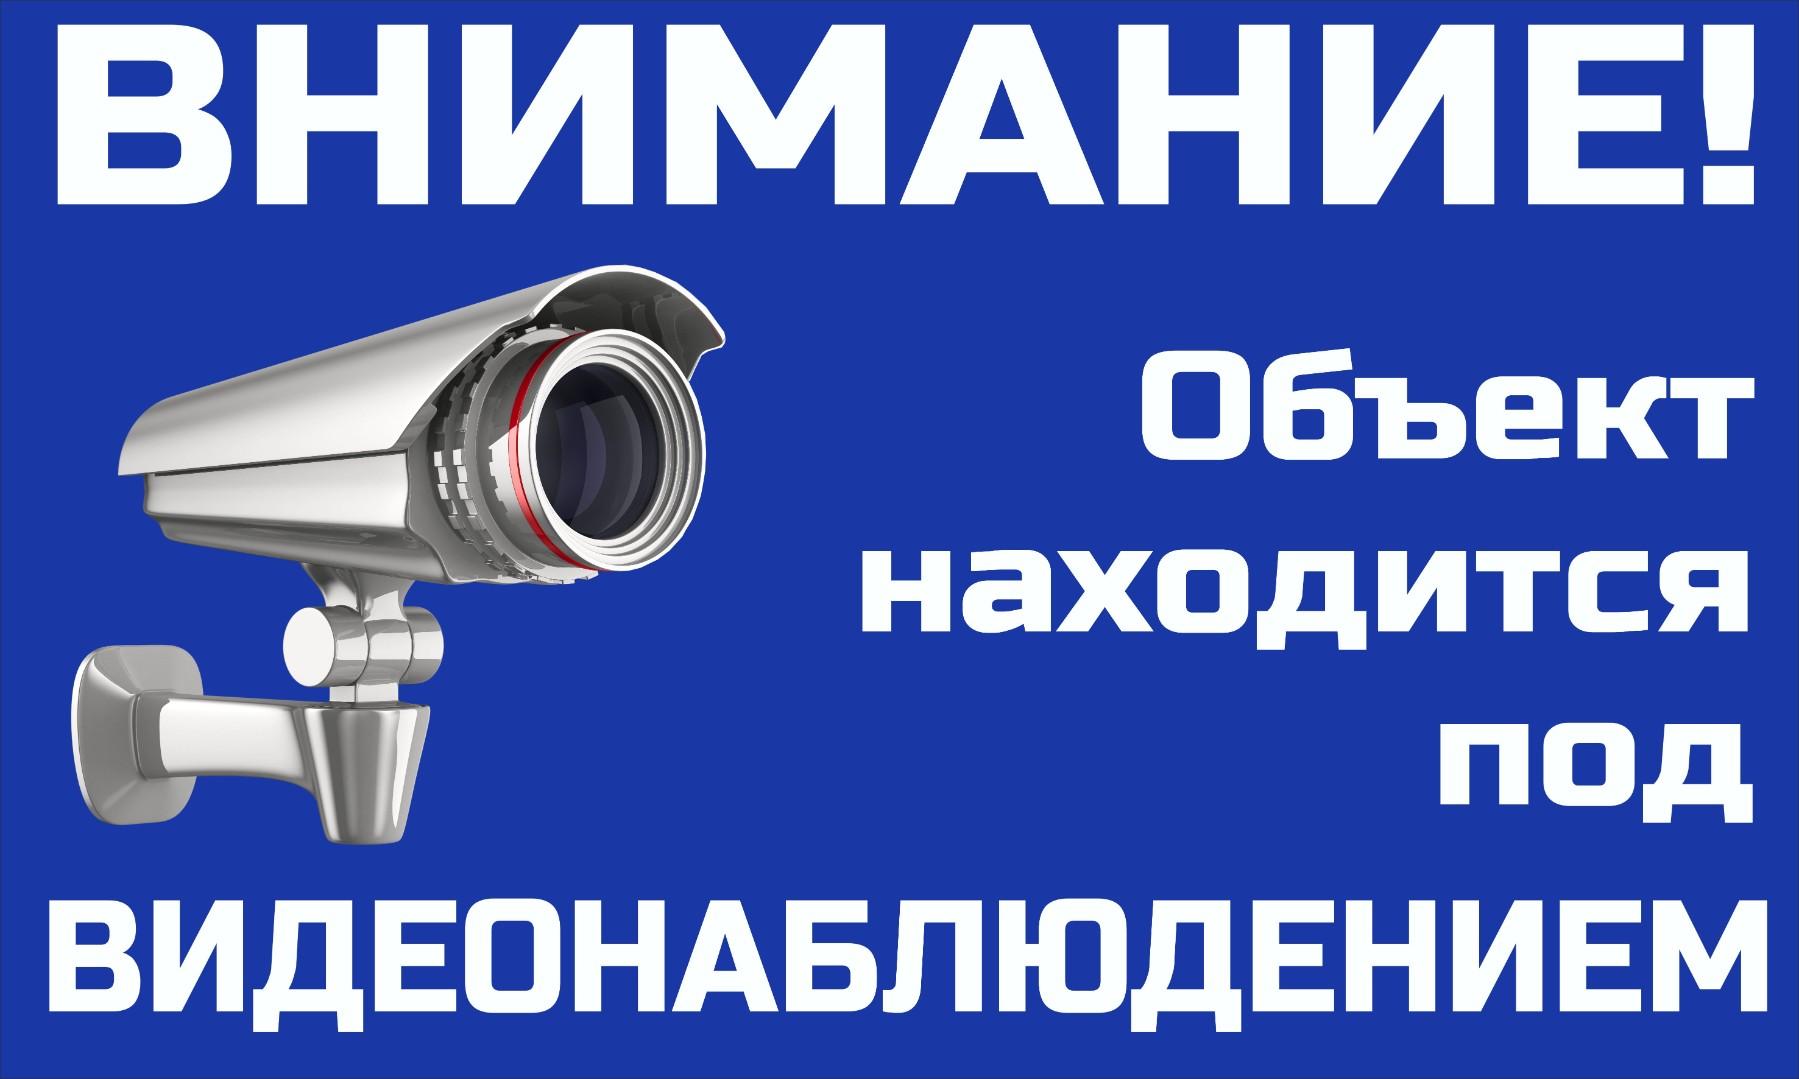 Внимание ведётся видеонаблюдение» №8